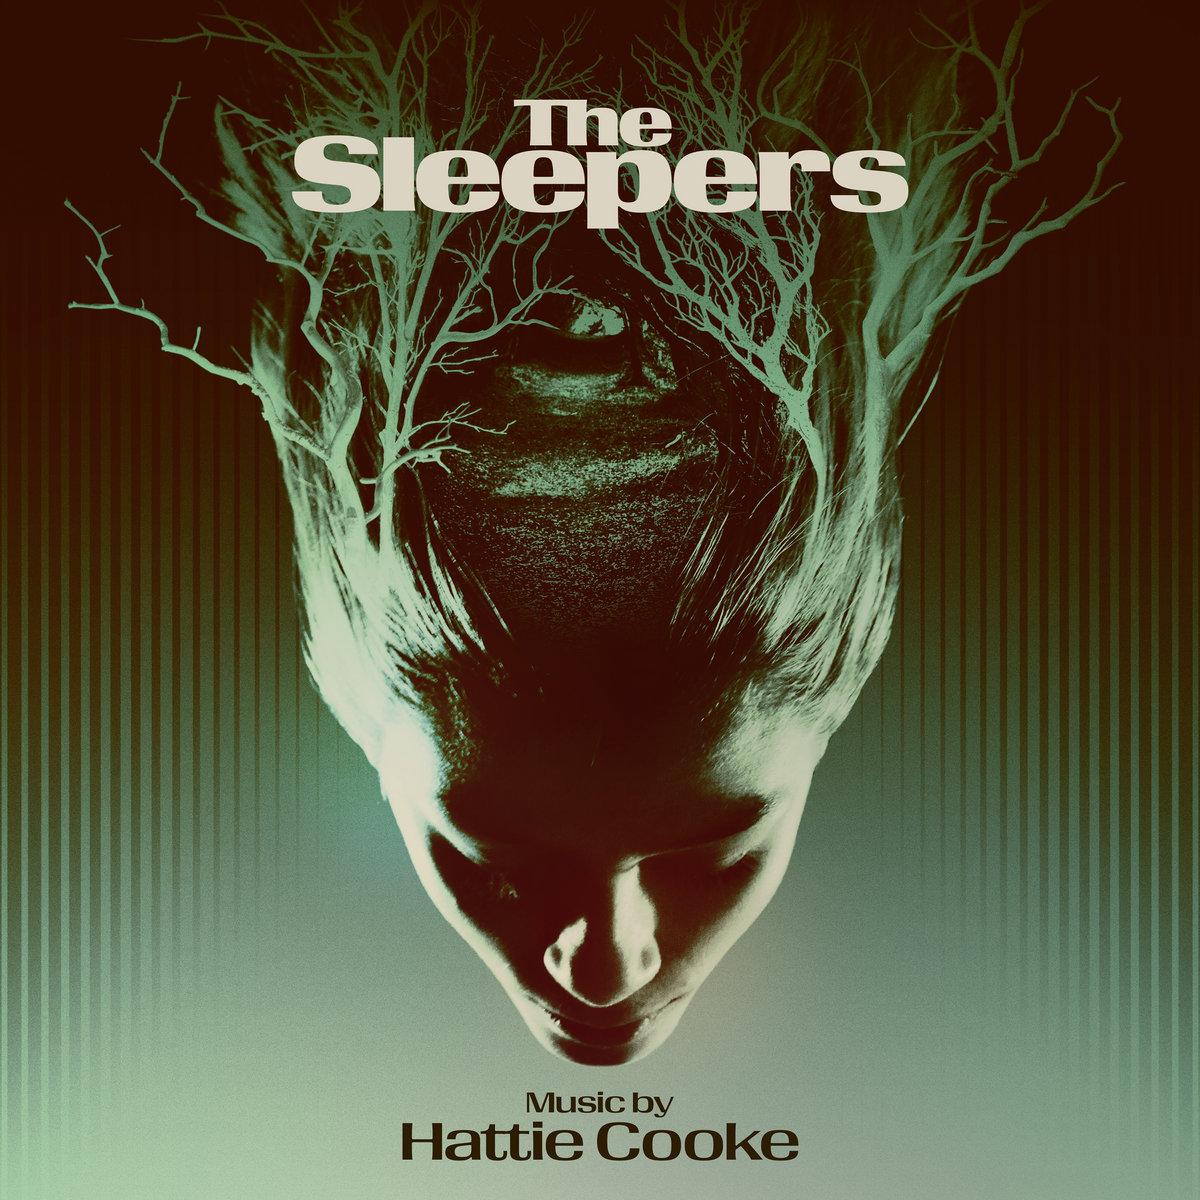 Hattie Cooke - The Sleepers